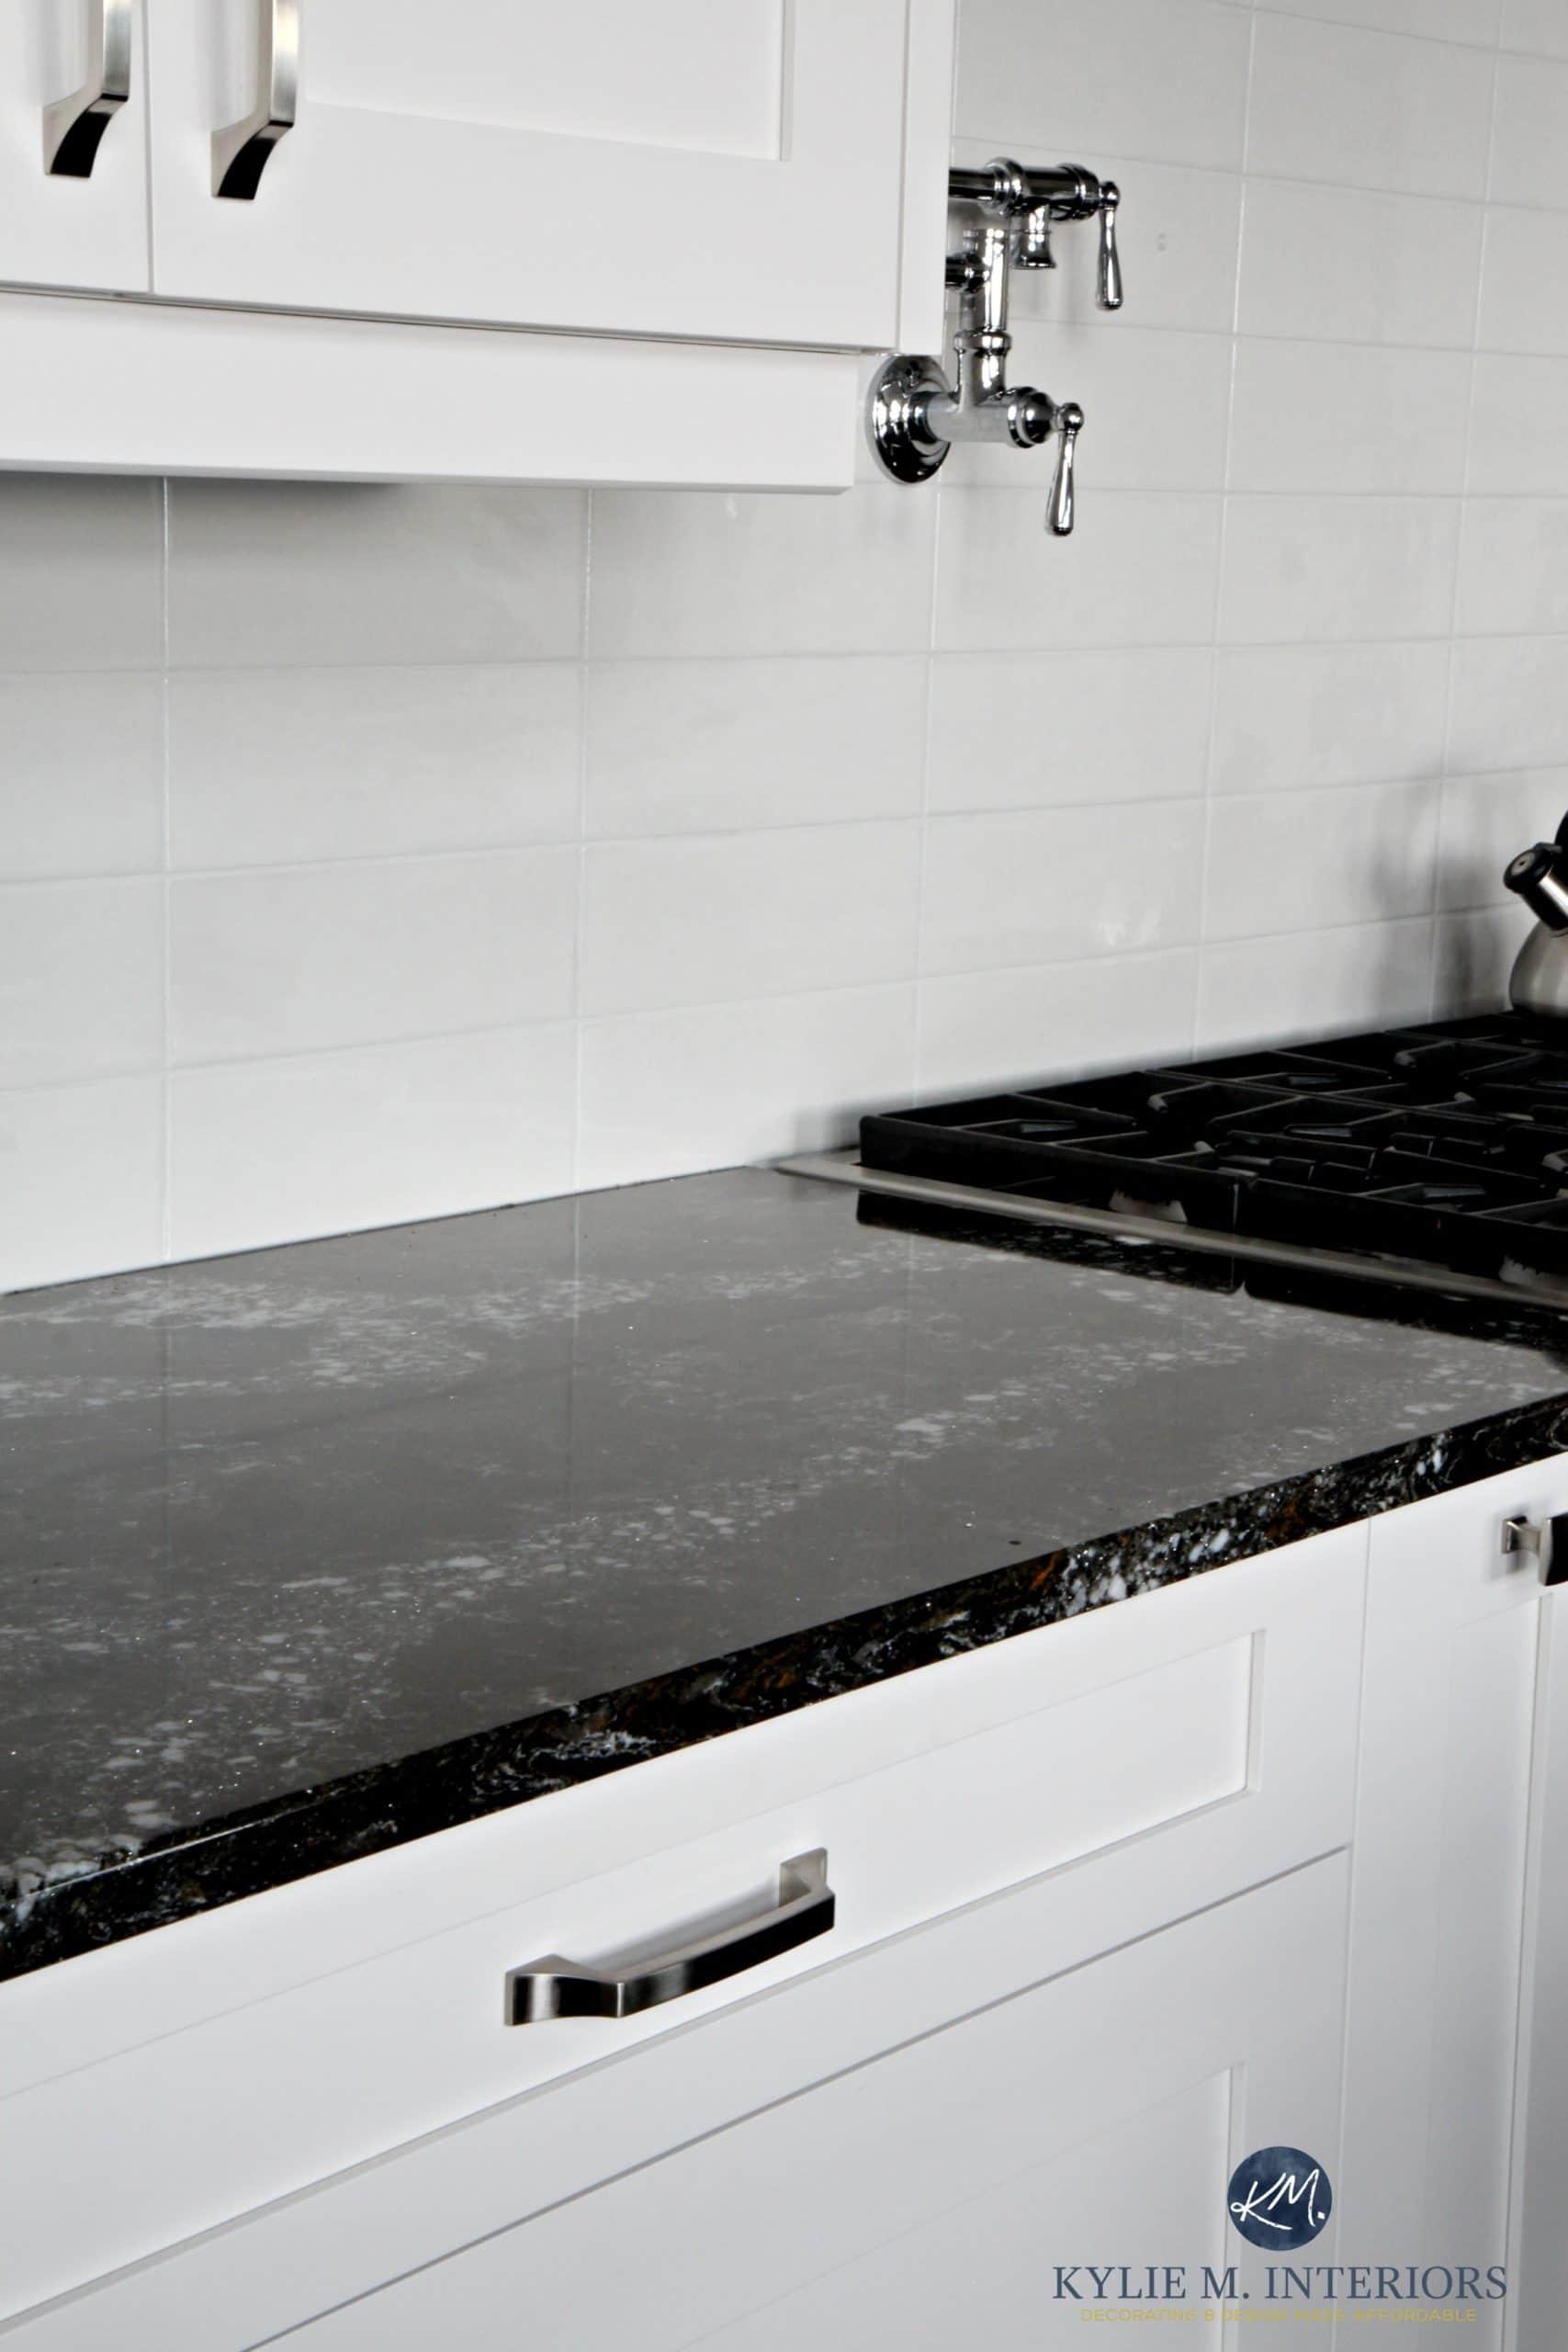 Precious Cambria Ellesmere Black Quartz Kitchen Cabinets Light Subway Tile Kylie M Interiors Decoratingand Design Cambria Ellesmere Black Quartz Kitchen Cabinets houzz-03 Gray Subway Tile